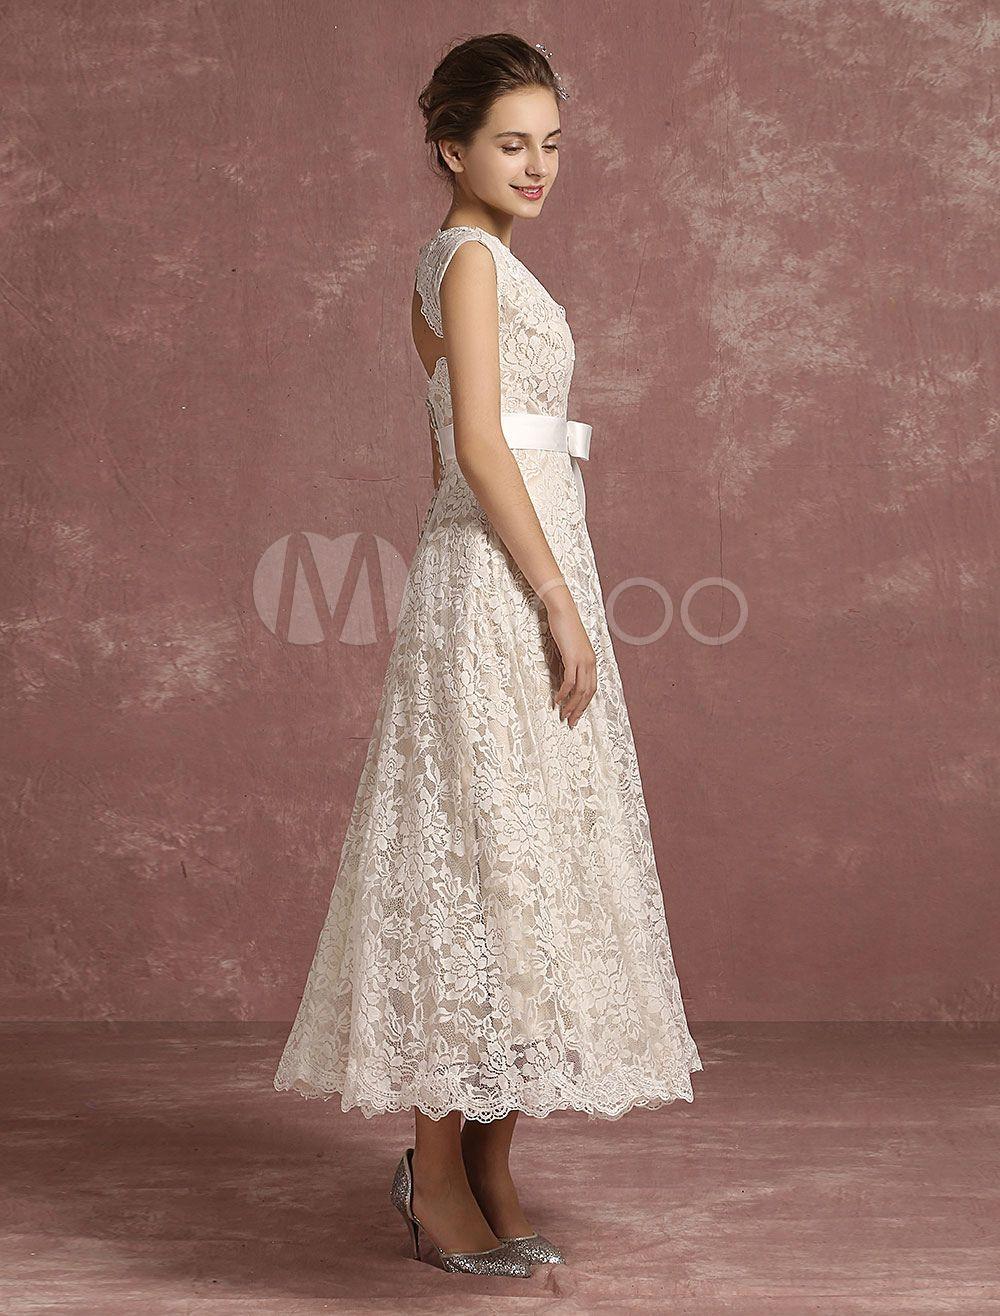 Summer Wedding Dresses 2020 Lace V Neck Sleeveless Bridal